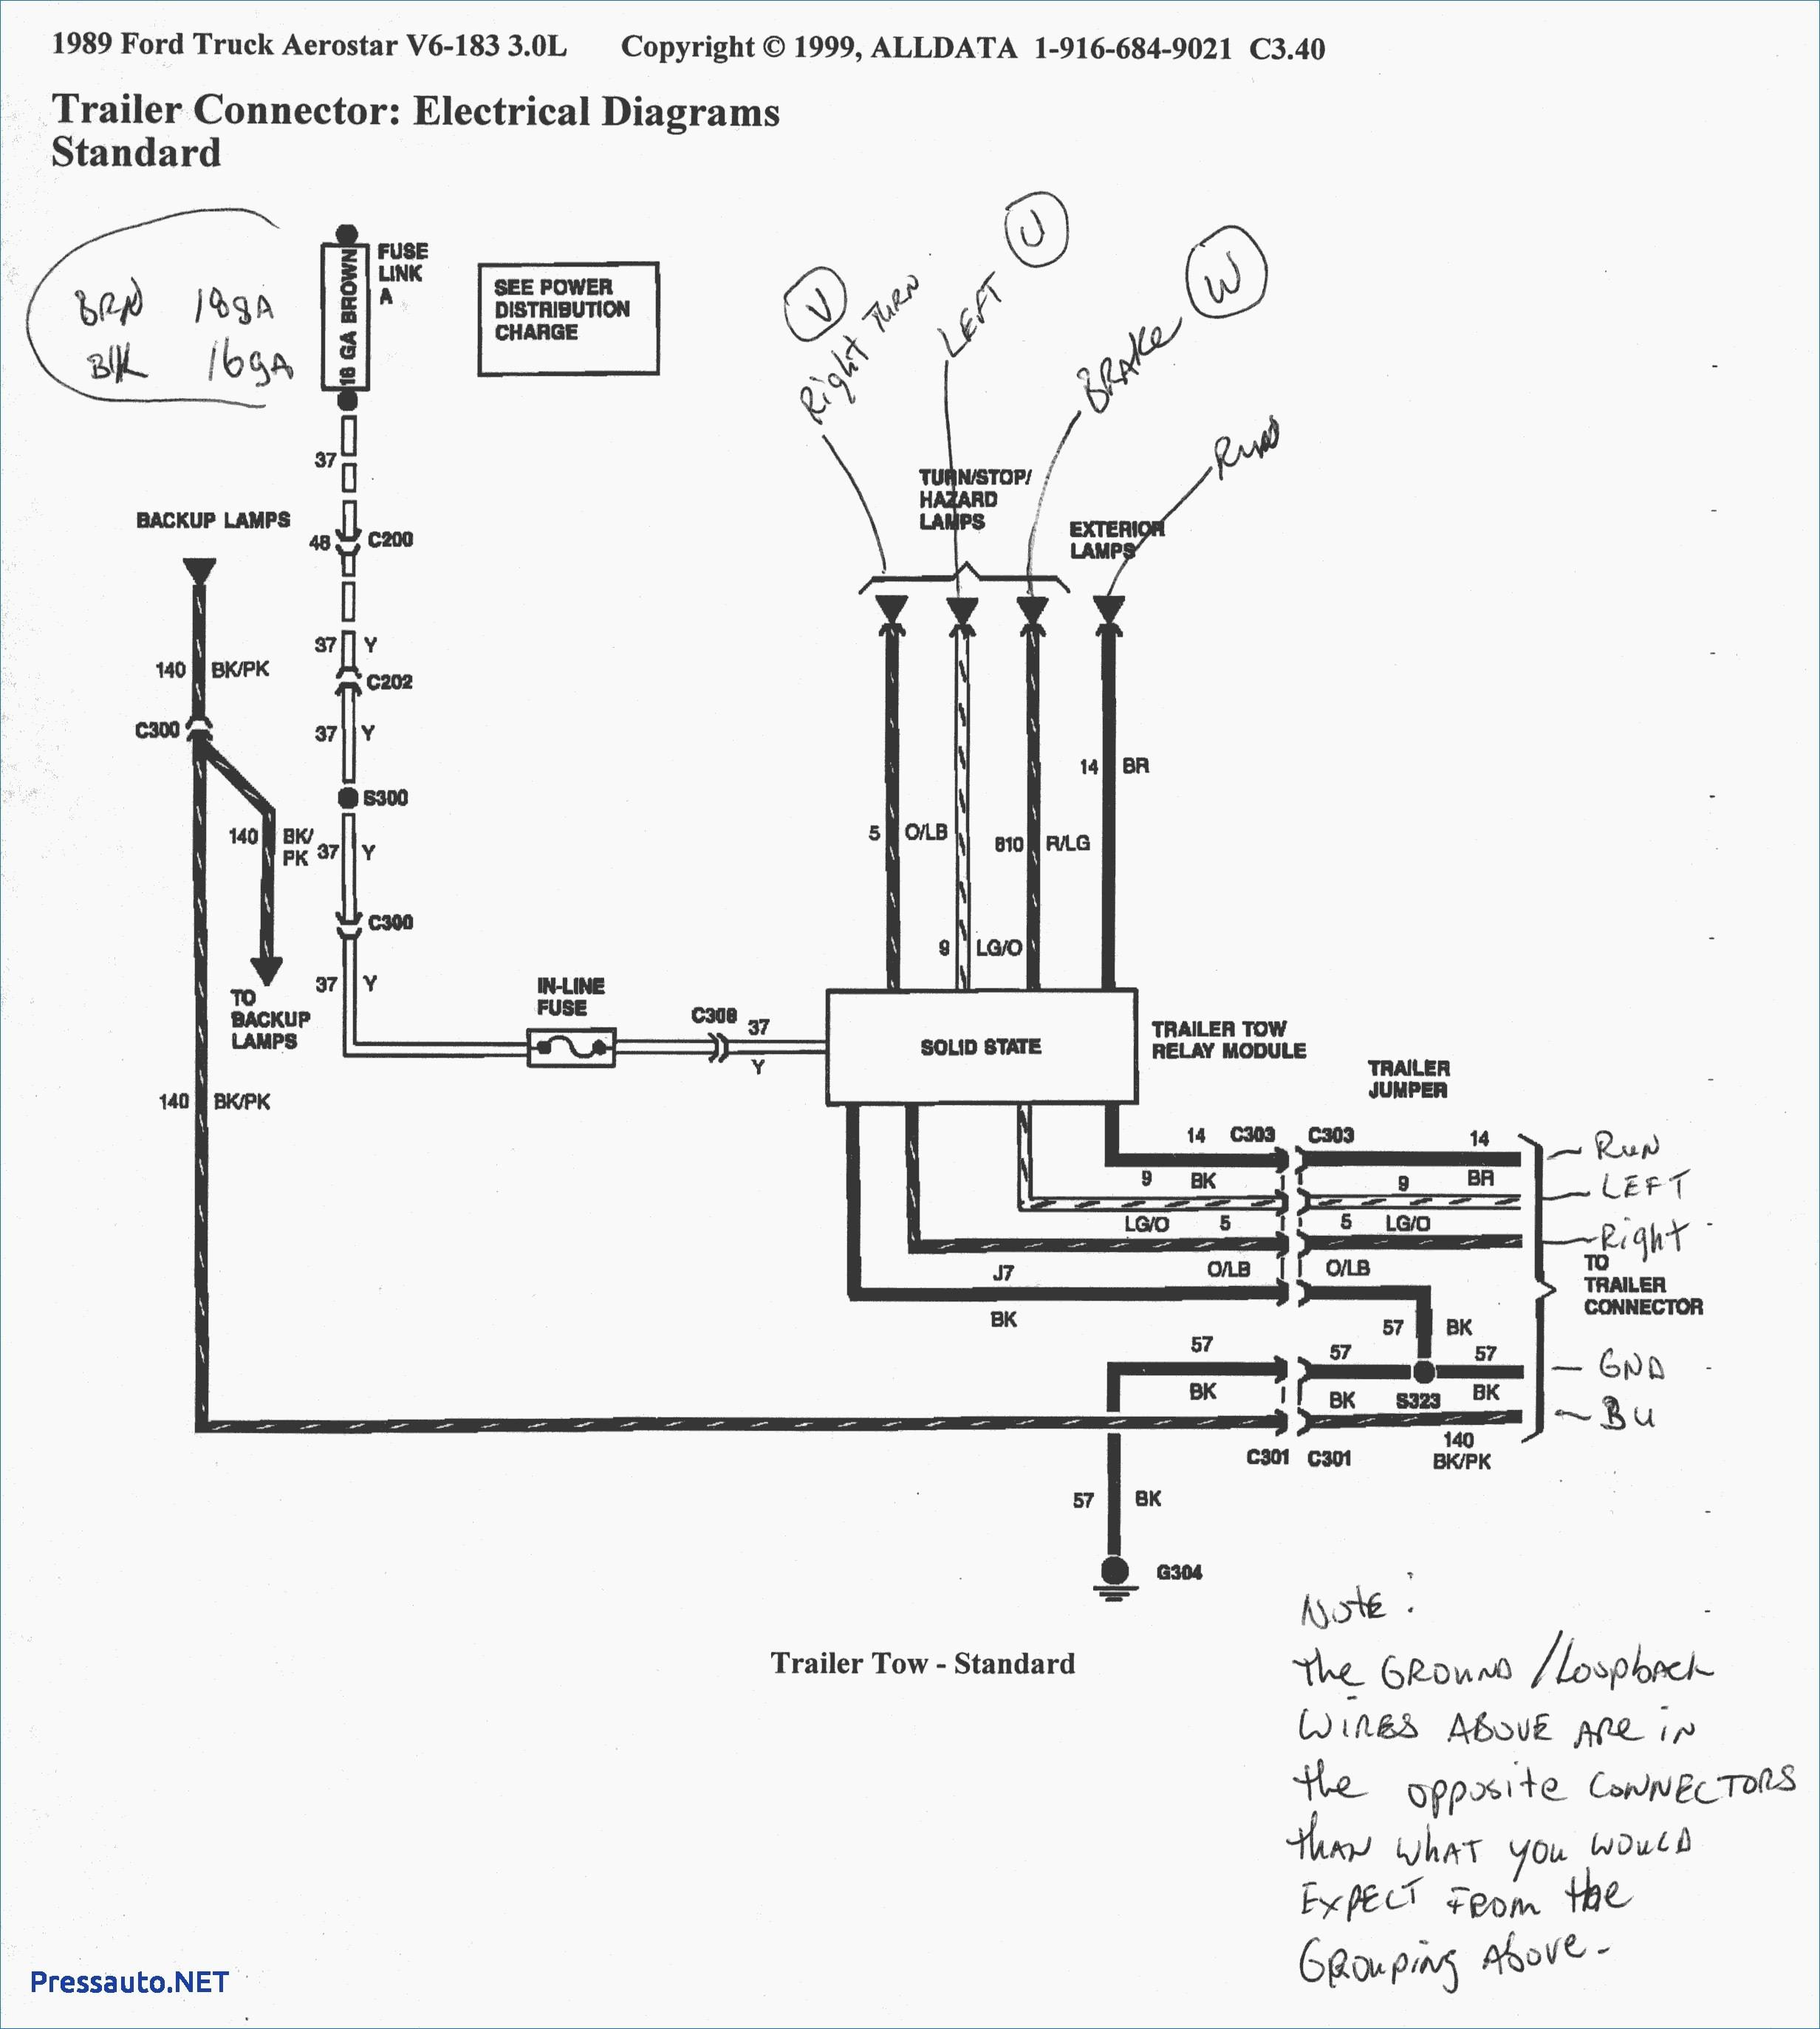 Pickup Trailer Wiring Diagram Download Free 7 Pin Plug Fit 2464 2c2747 Ssl 1